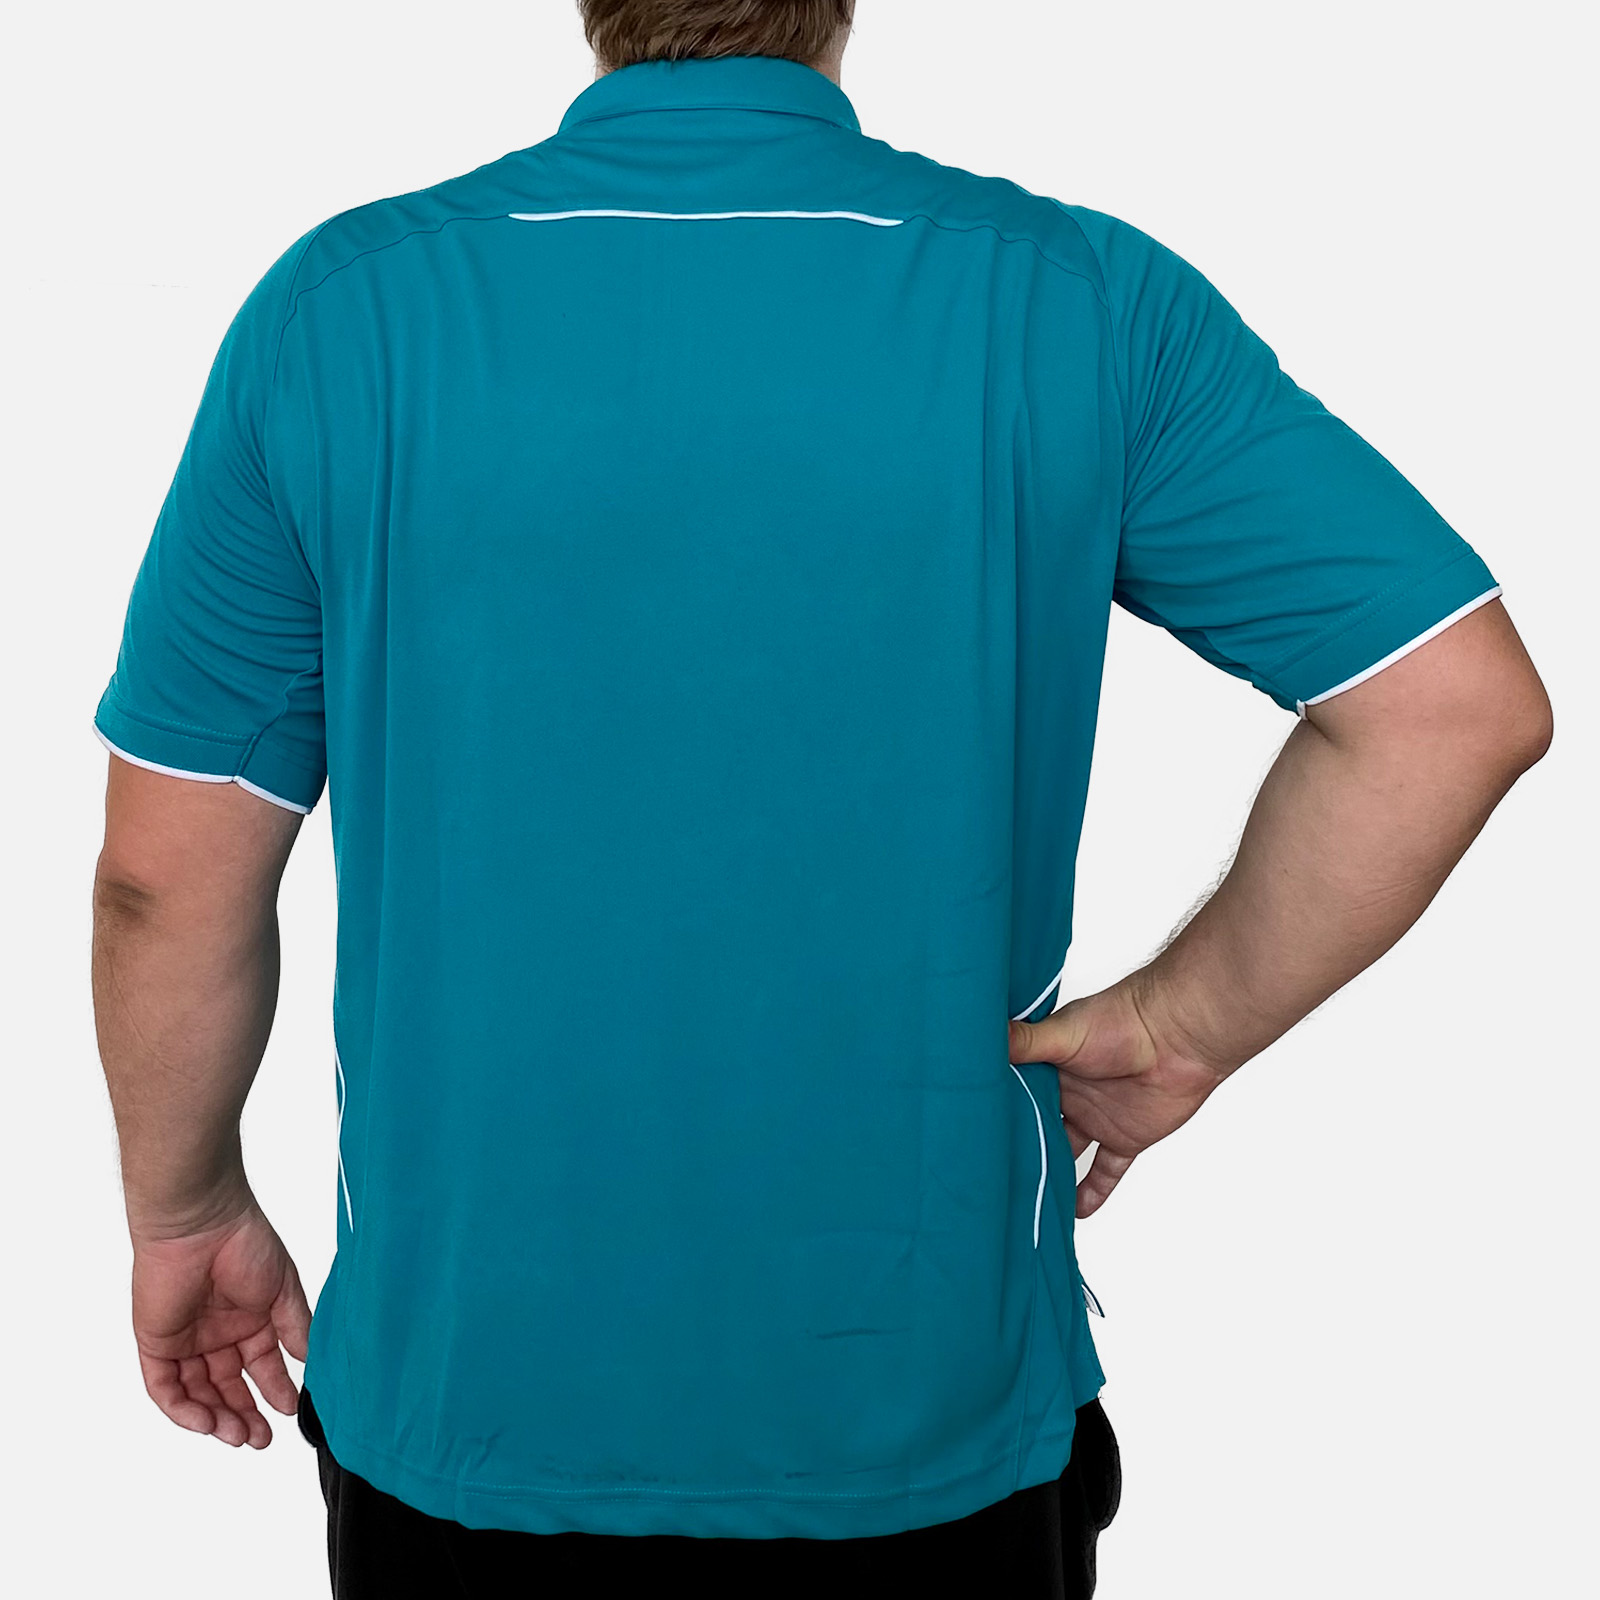 Купить в интернет магазине футболку для мужчины